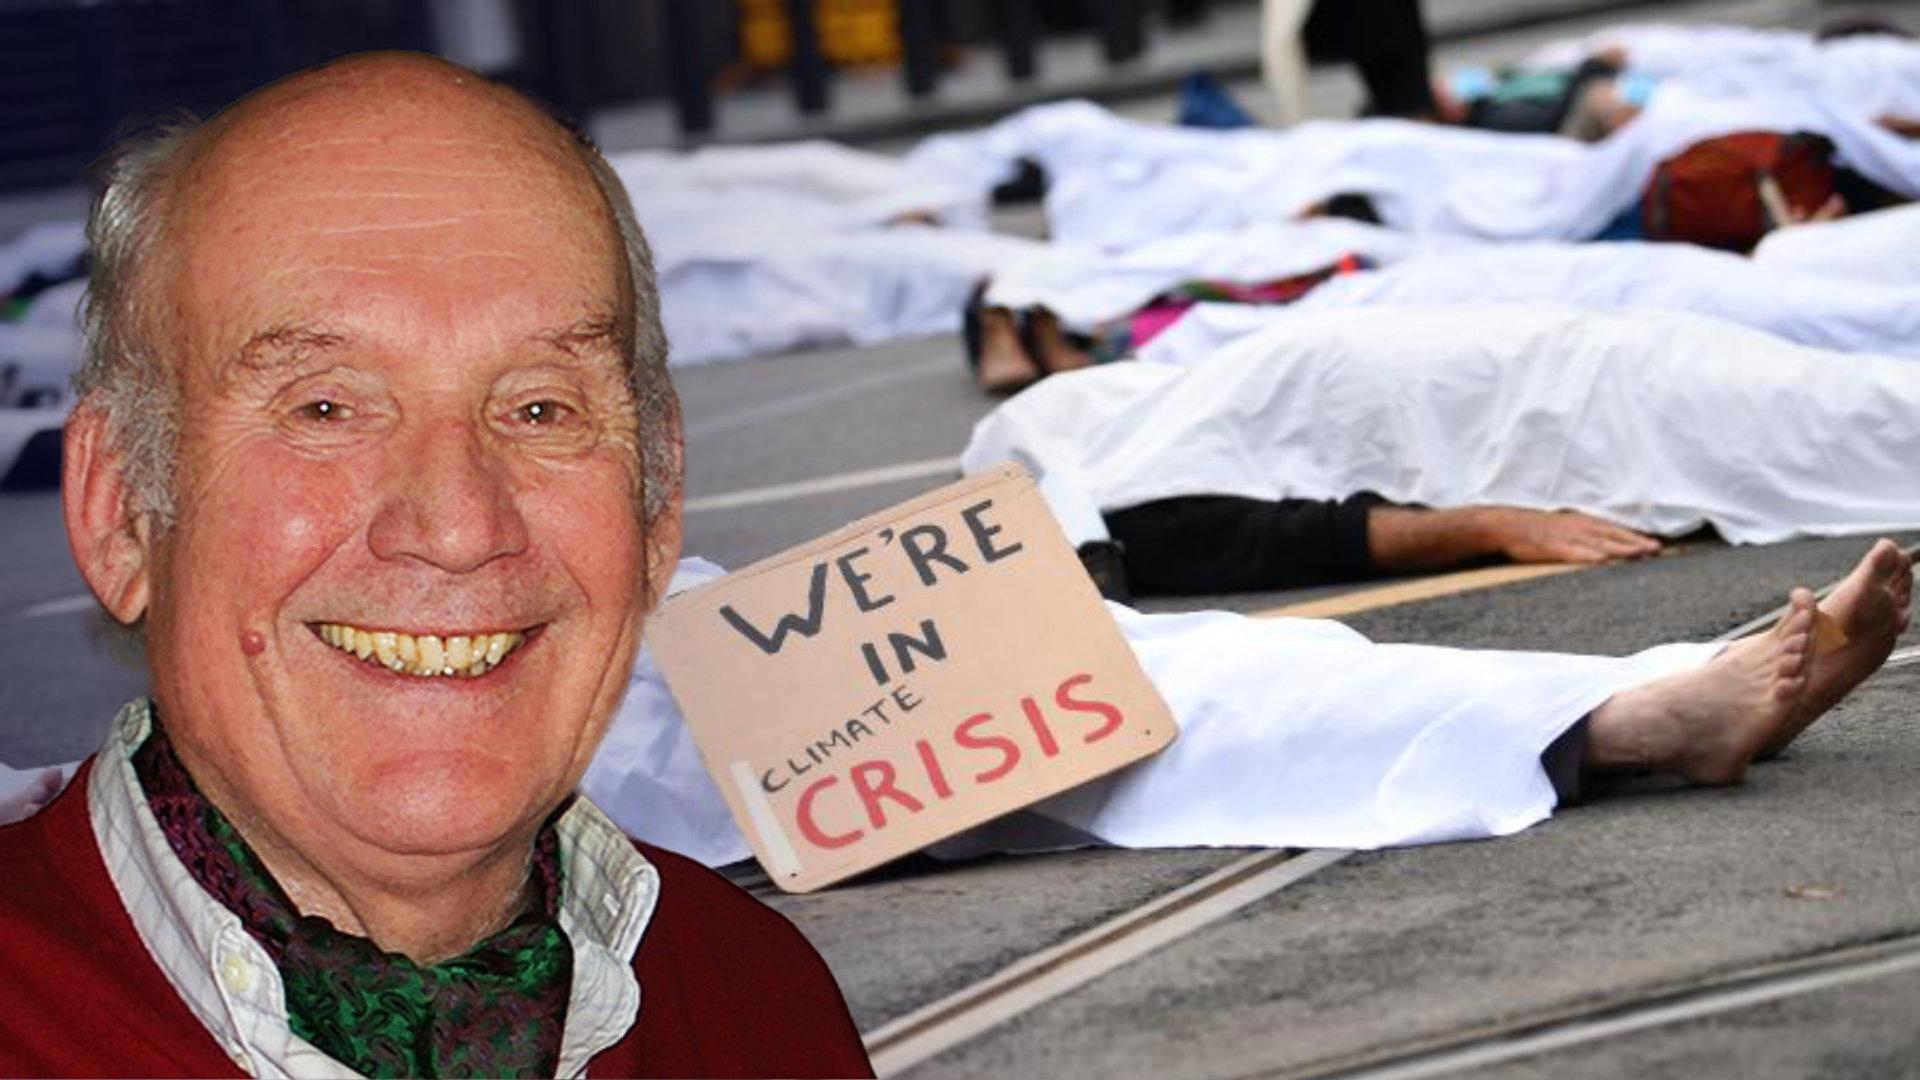 Limburg: Die Welt ist verloren – der neue IPCC Bericht sagt das